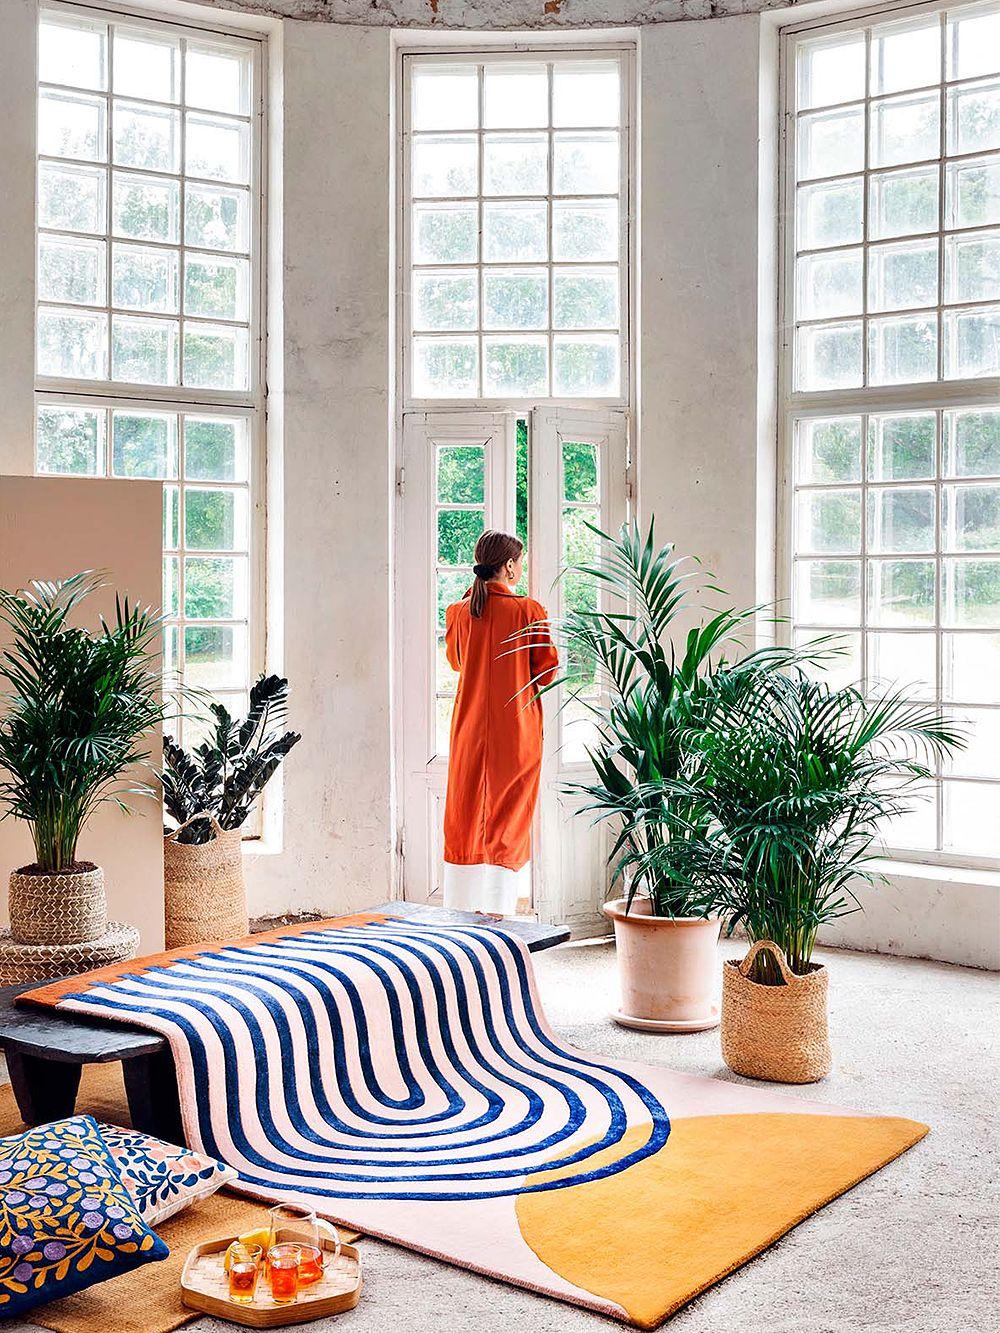 Finarten Atrium-matto osana olohuoneen sisustusta.